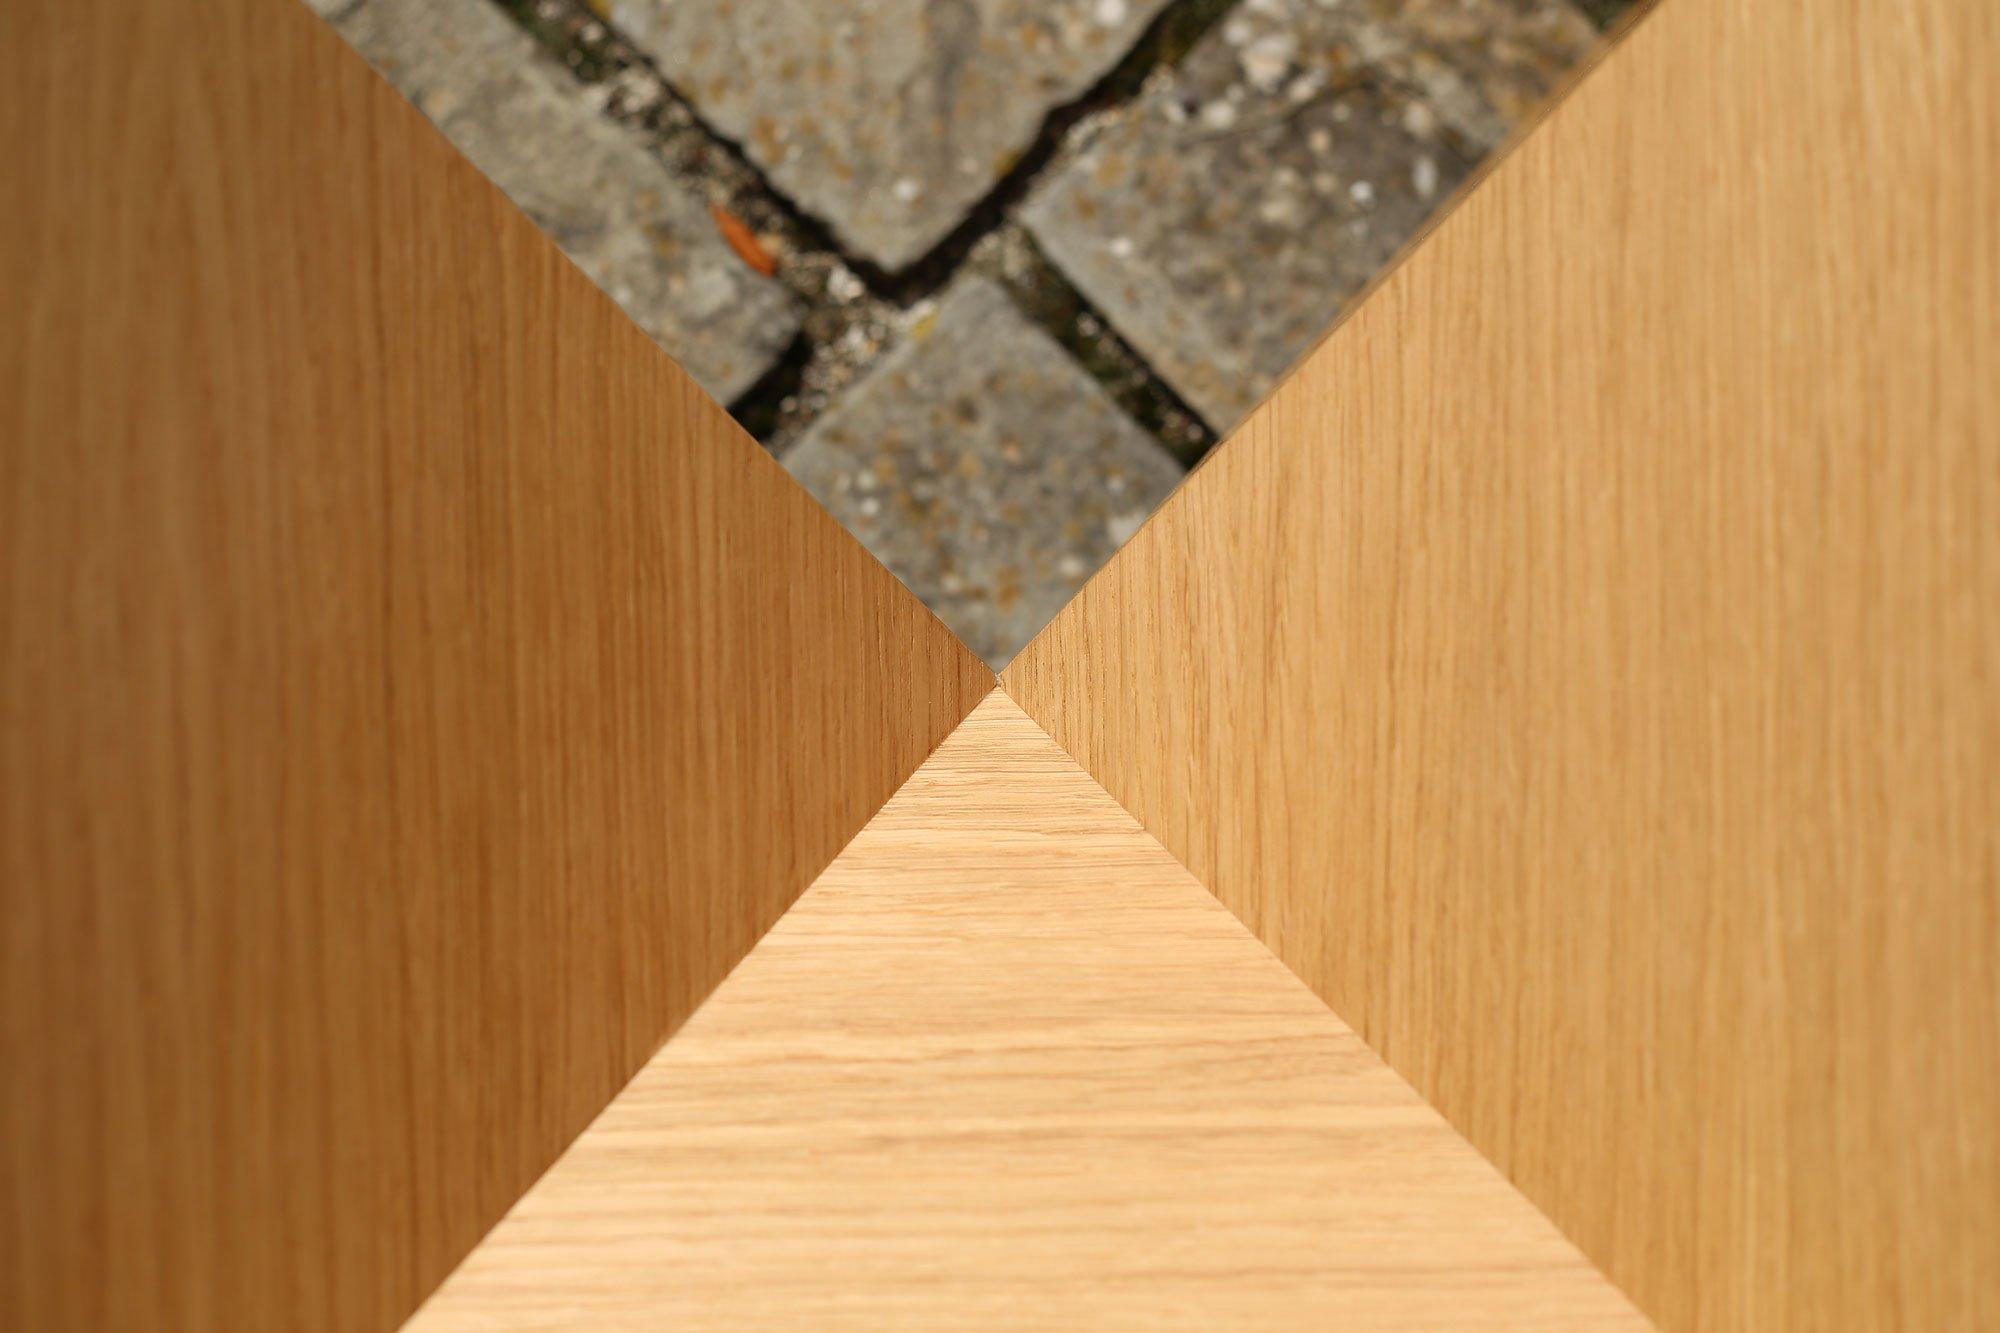 qbico-particular2-wood-marcellocannarsa-product-designer